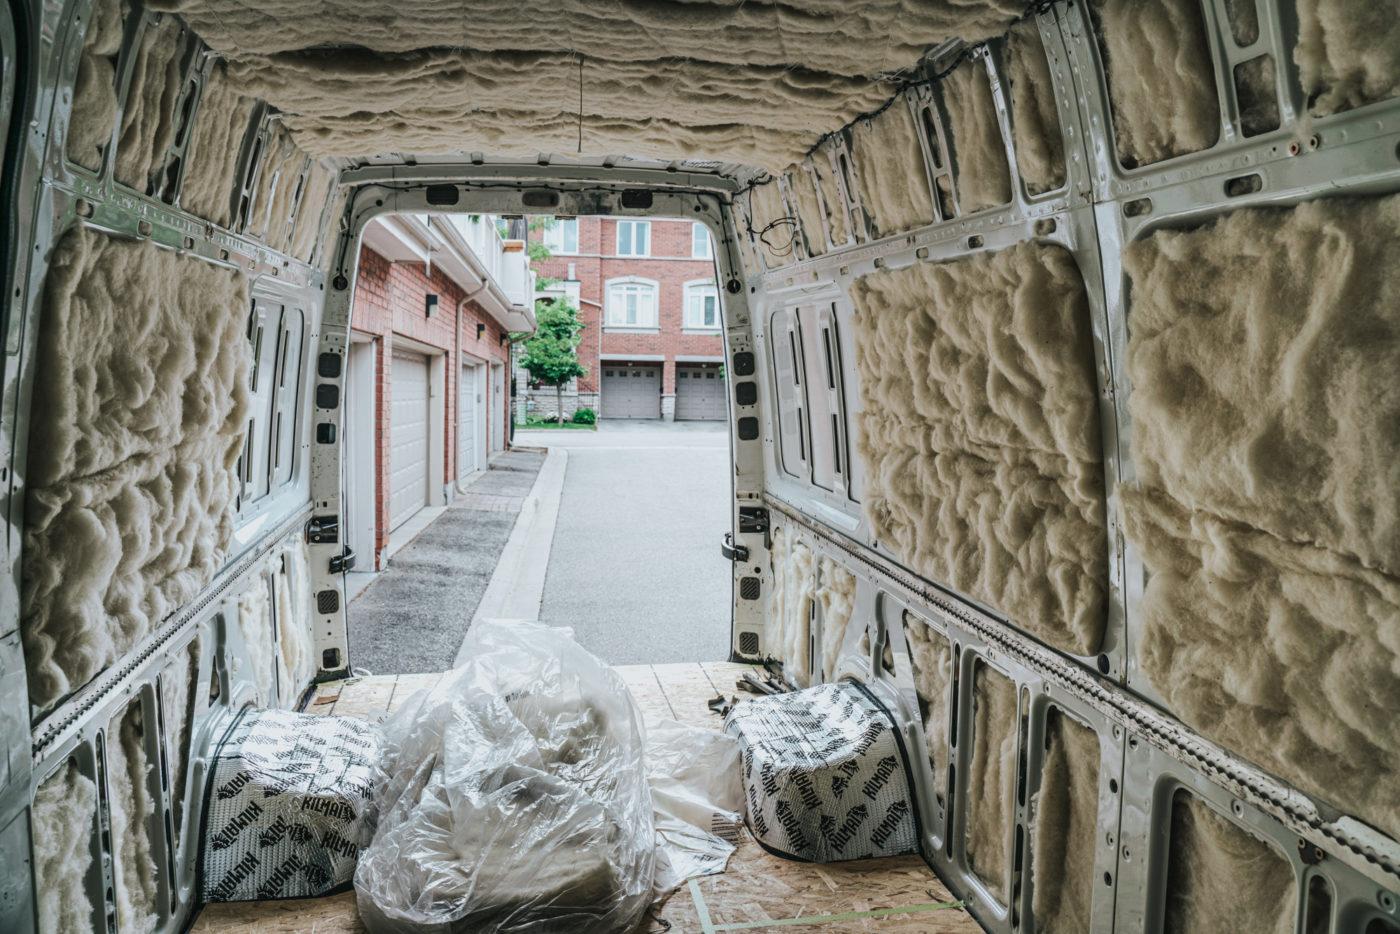 Canada van life sprinter van build insulation-05614